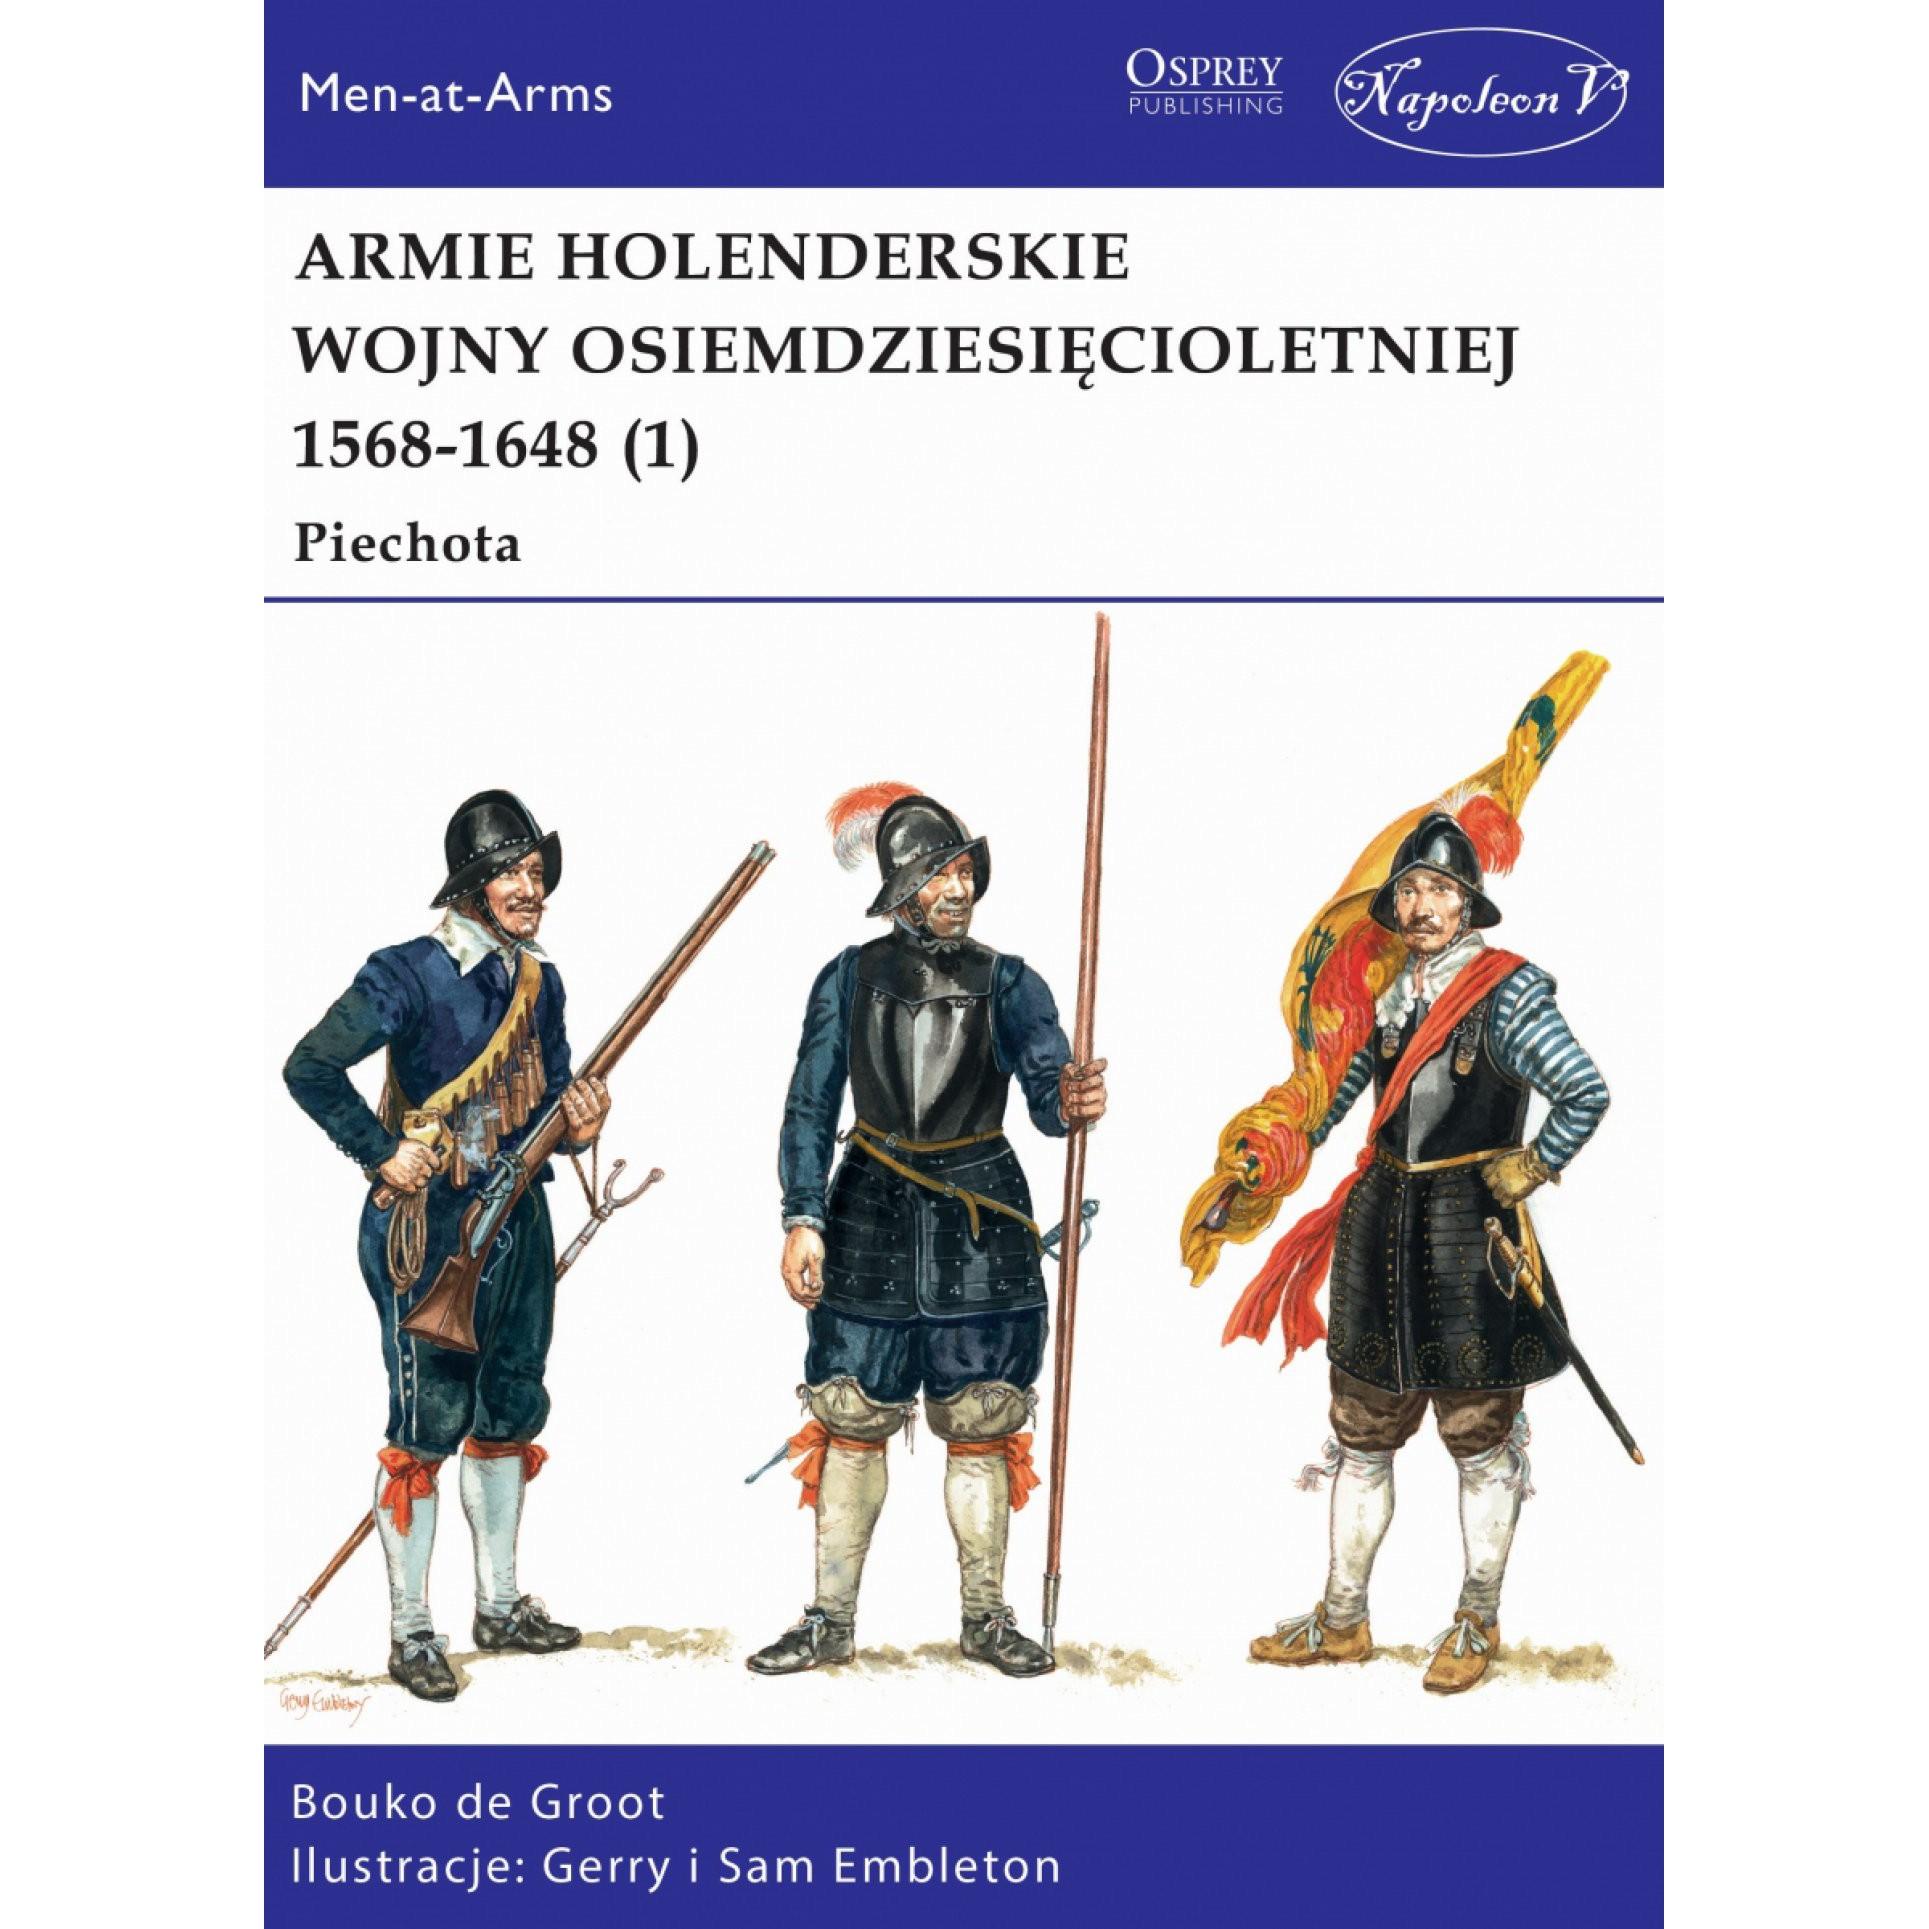 Armie holenderskie wojny osiemdziesięcioletniej 1568-1648 (1) Piechota